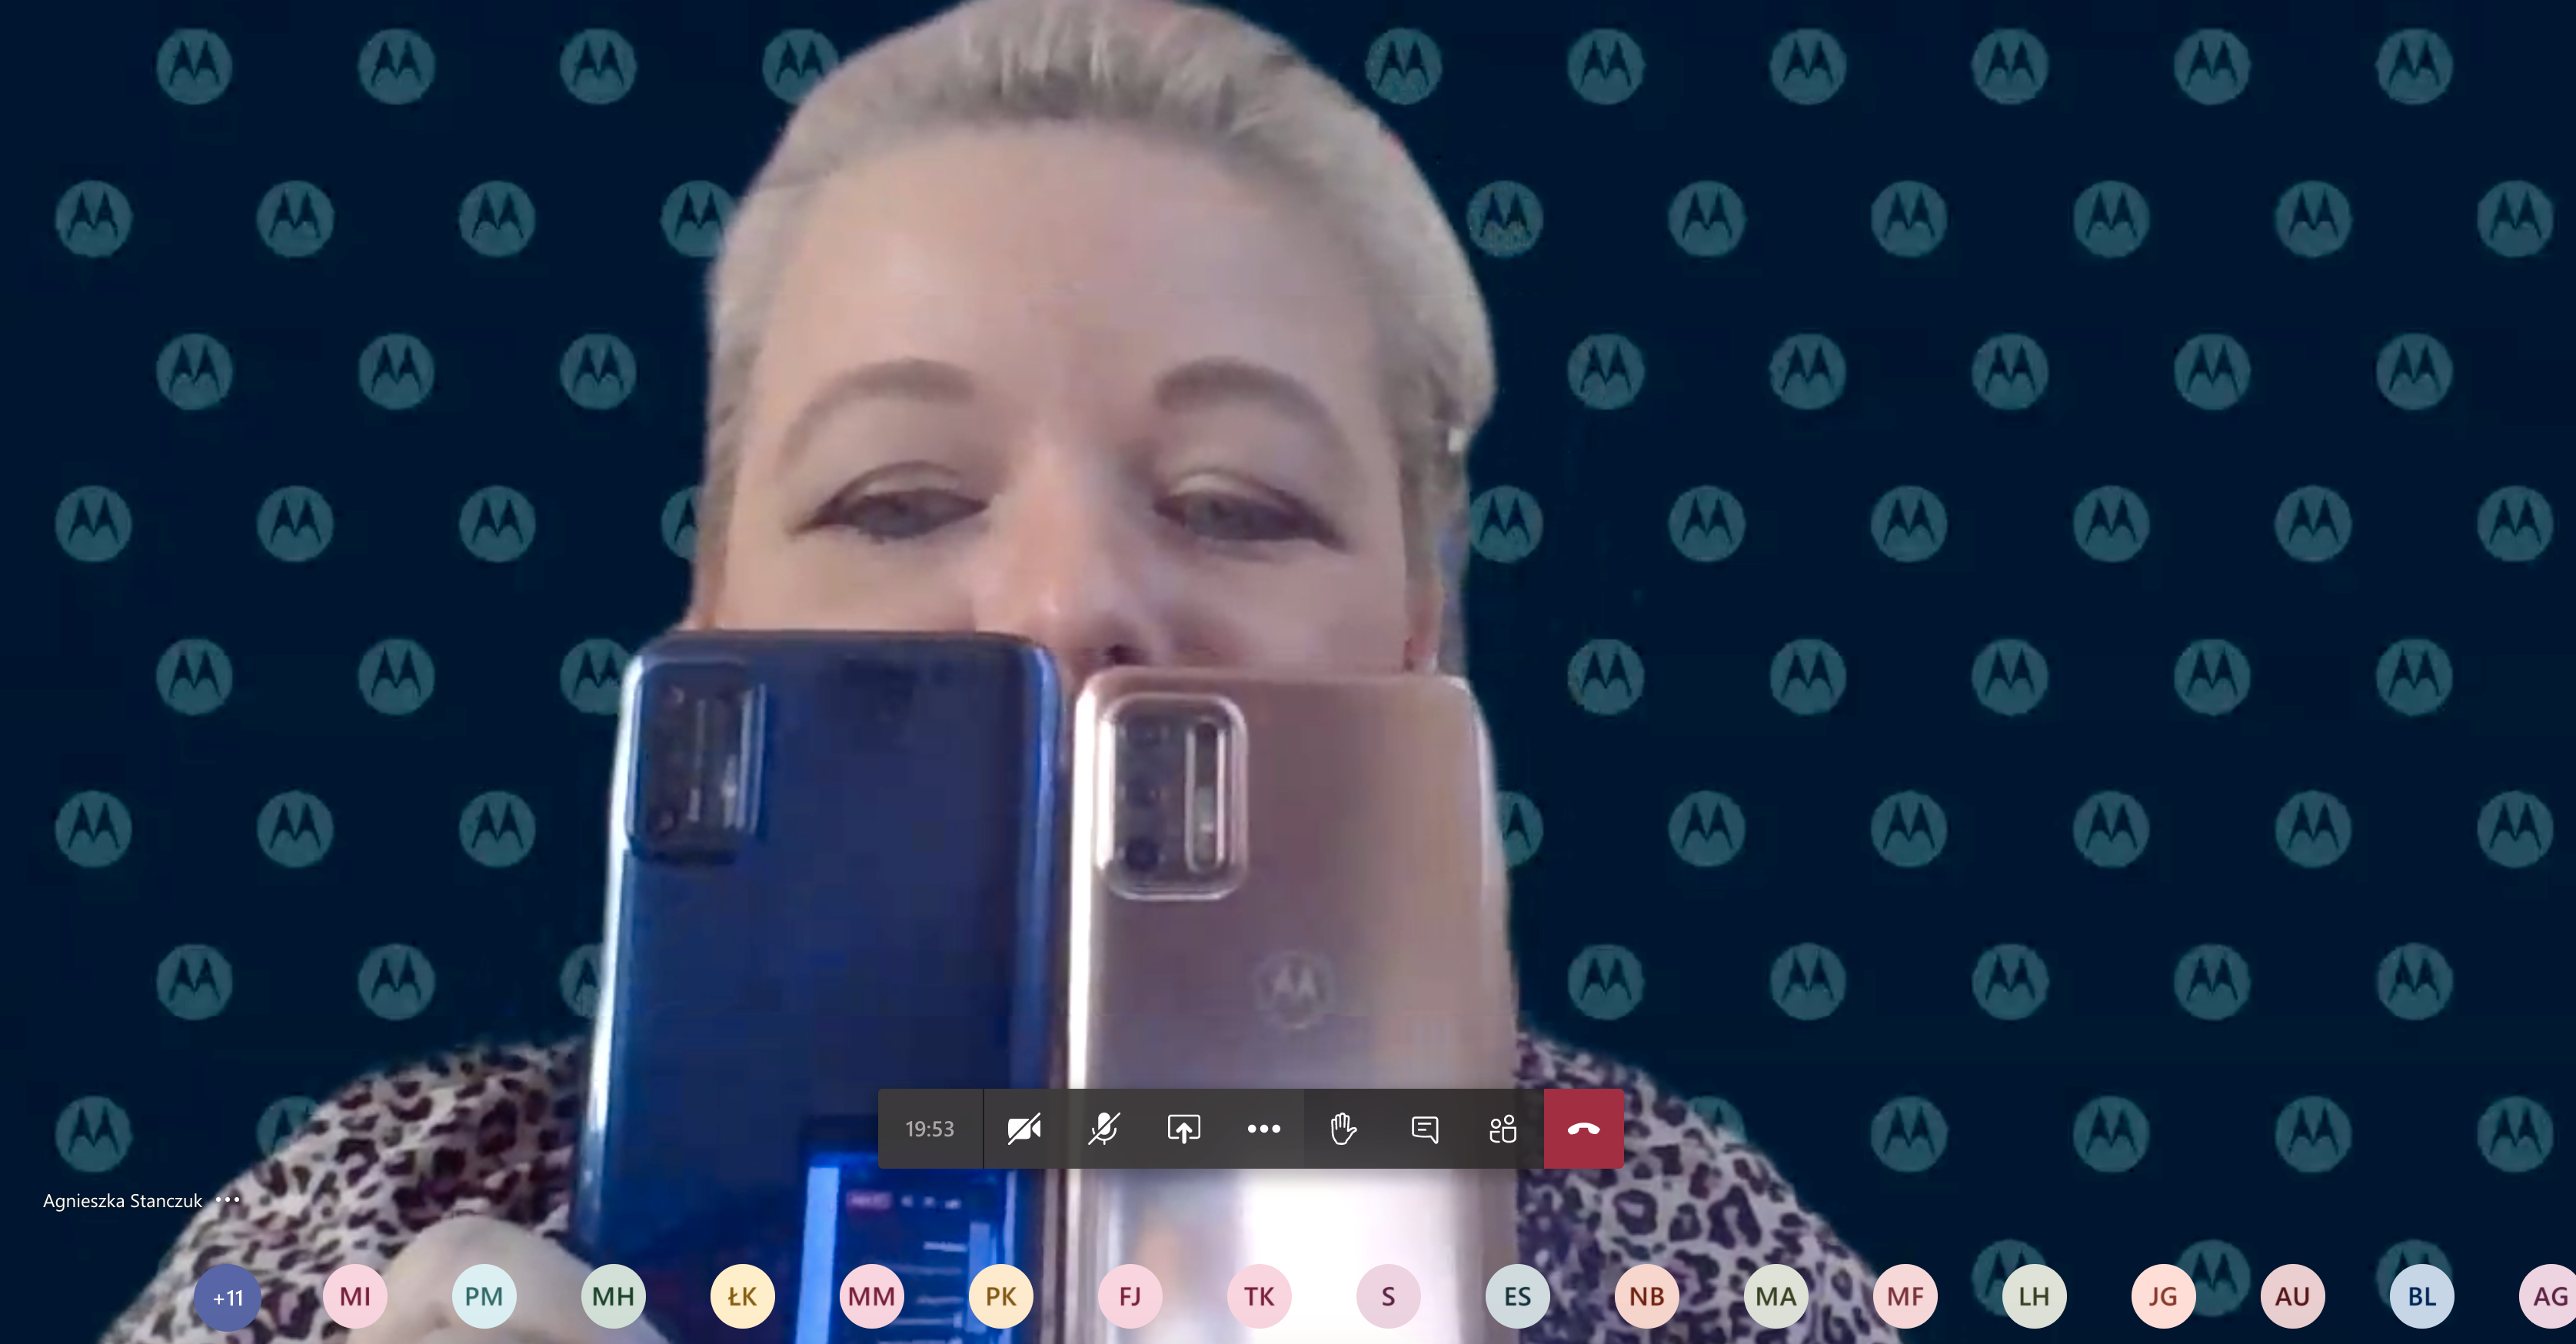 Over en pikselert videostrøm og skurrete lyd avslører Motorola Moto G9 Plus